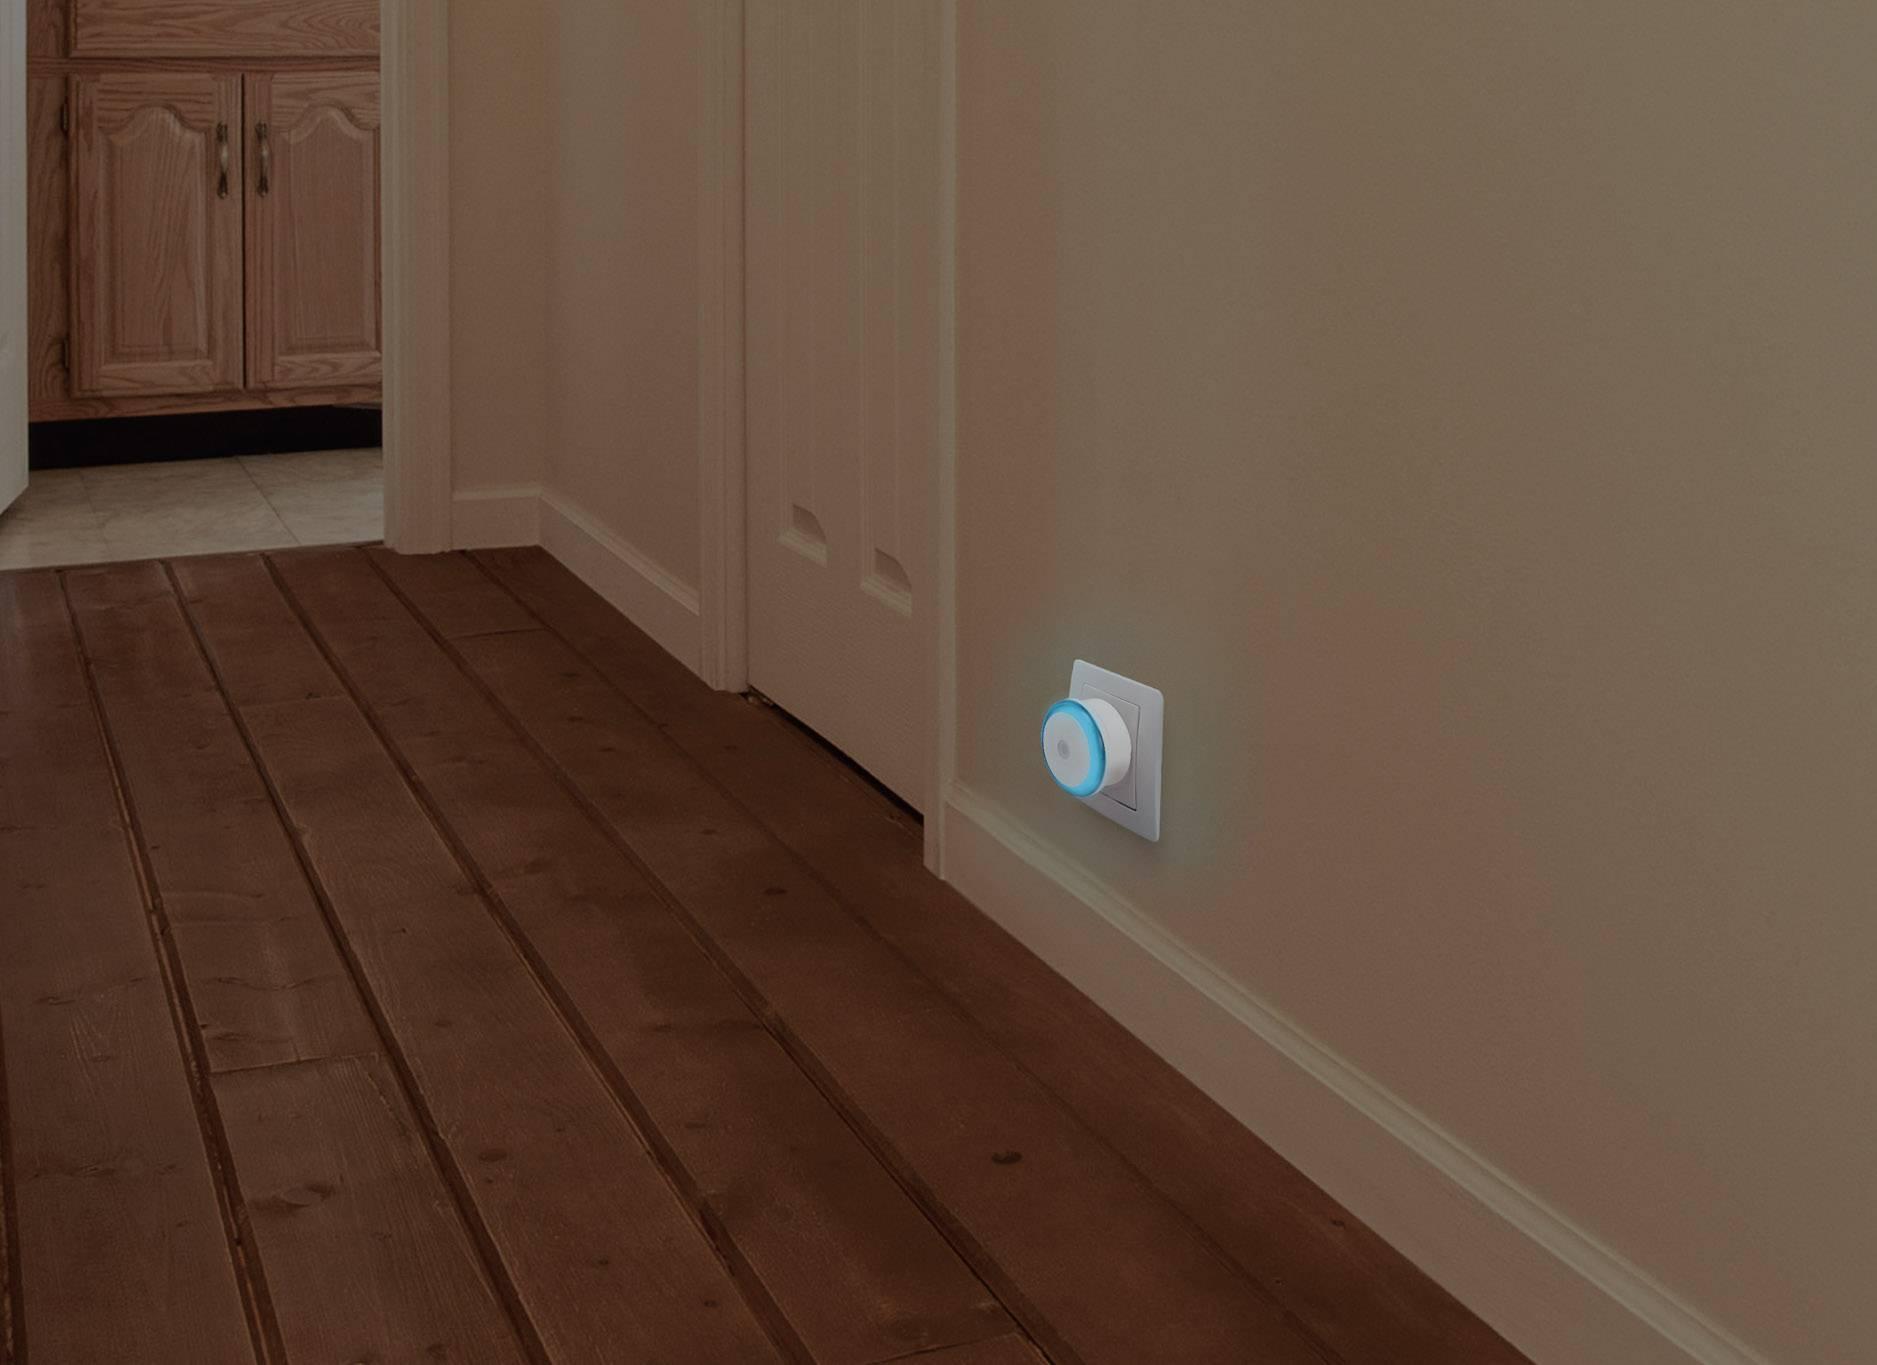 Sada nočních LED světel Renkforce Ruenda EMN100X2, 0, 8 W, červená a modrá